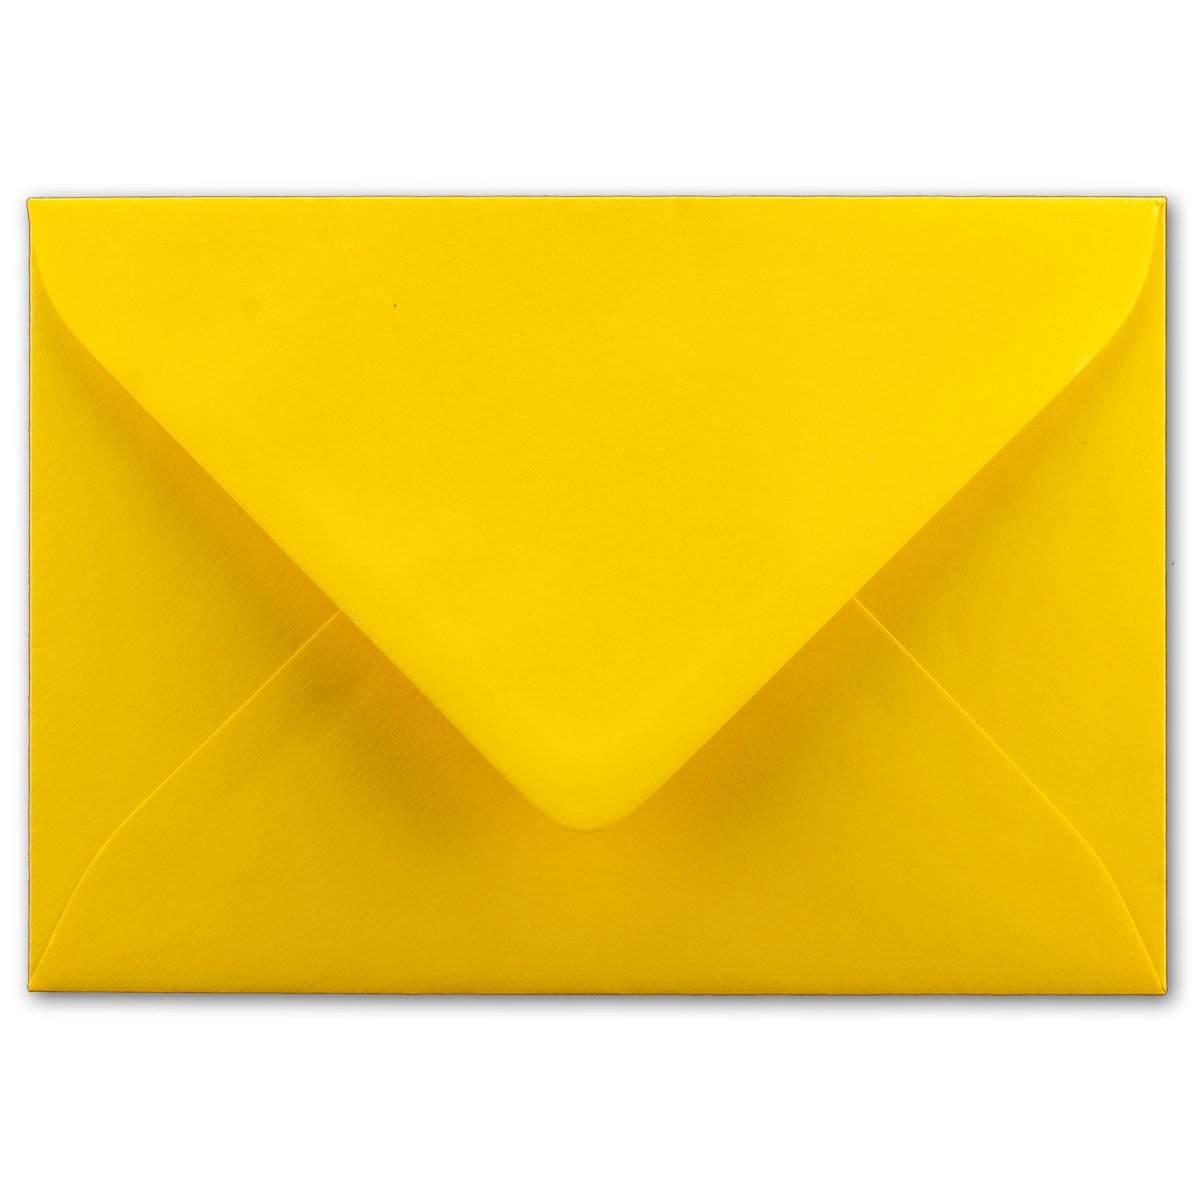 150 Sets - Faltkarten Hellgrau - DIN DIN DIN A5  Umschläge  Einlegeblätter DIN C5 - PREMIUM QUALITÄT - sehr formstabil - Qualitätsmarke  NEUSER FarbenFroh B07C32SKVF | Ermäßigung  8d4693